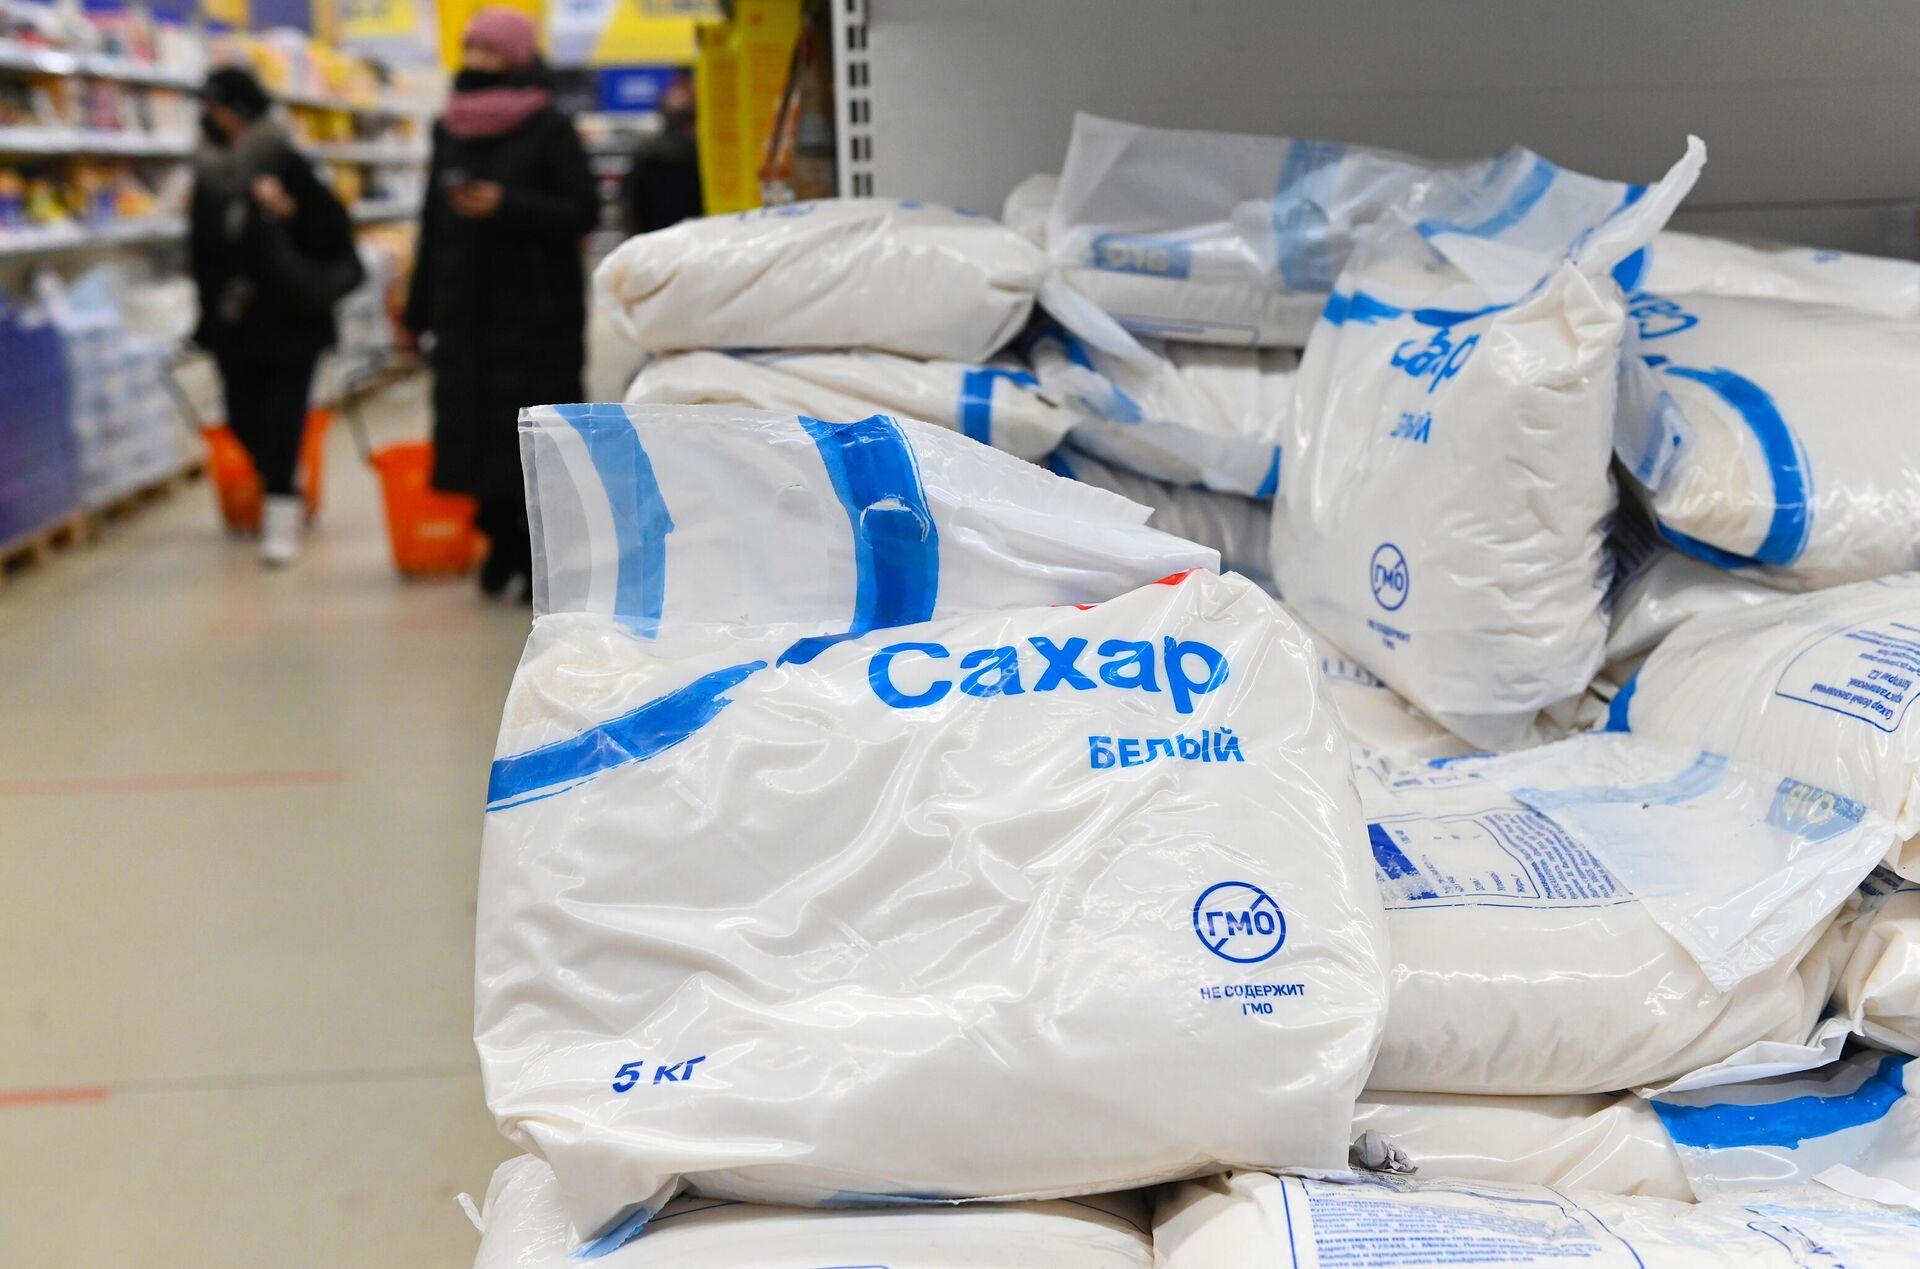 Цены упадут, но сначала взлетят. Что происходит с инфляцией в России